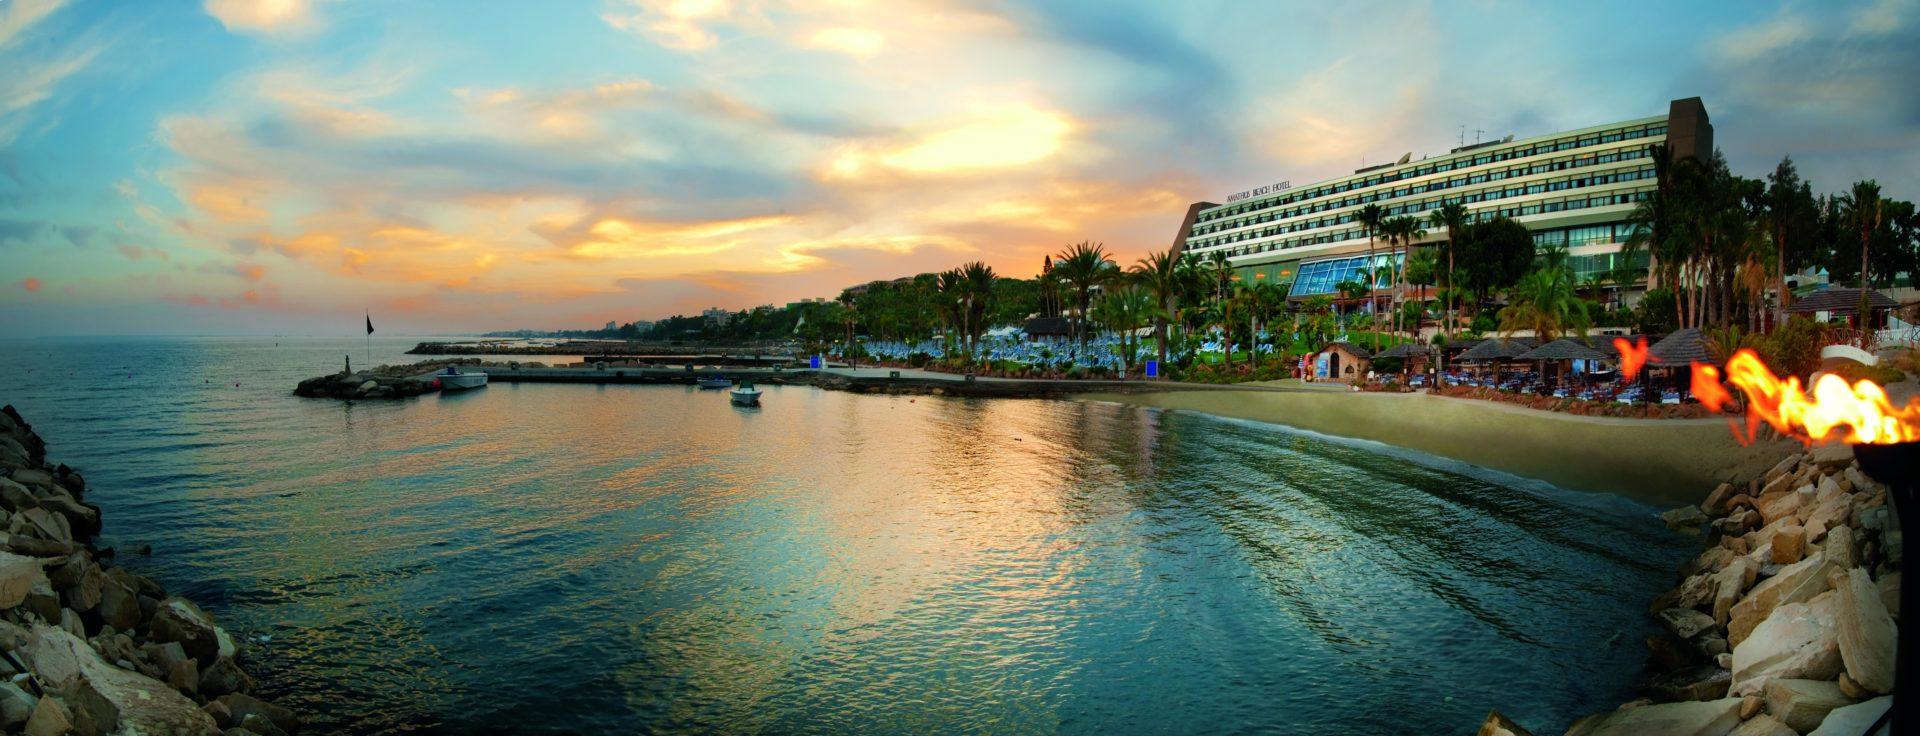 Hotels In Limassol Zypern